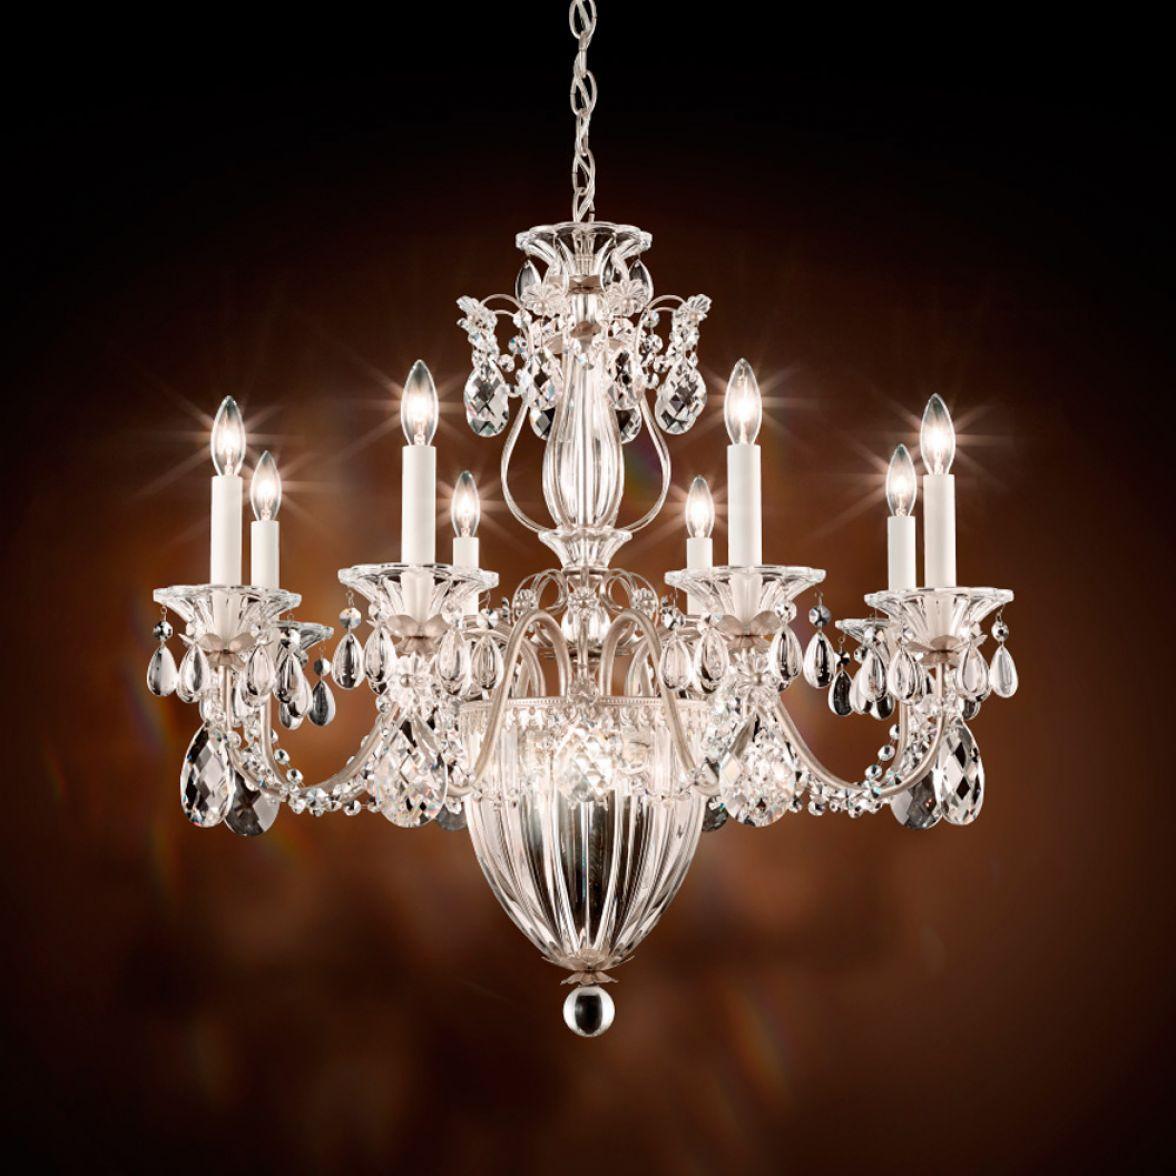 Bagatelle chandelier